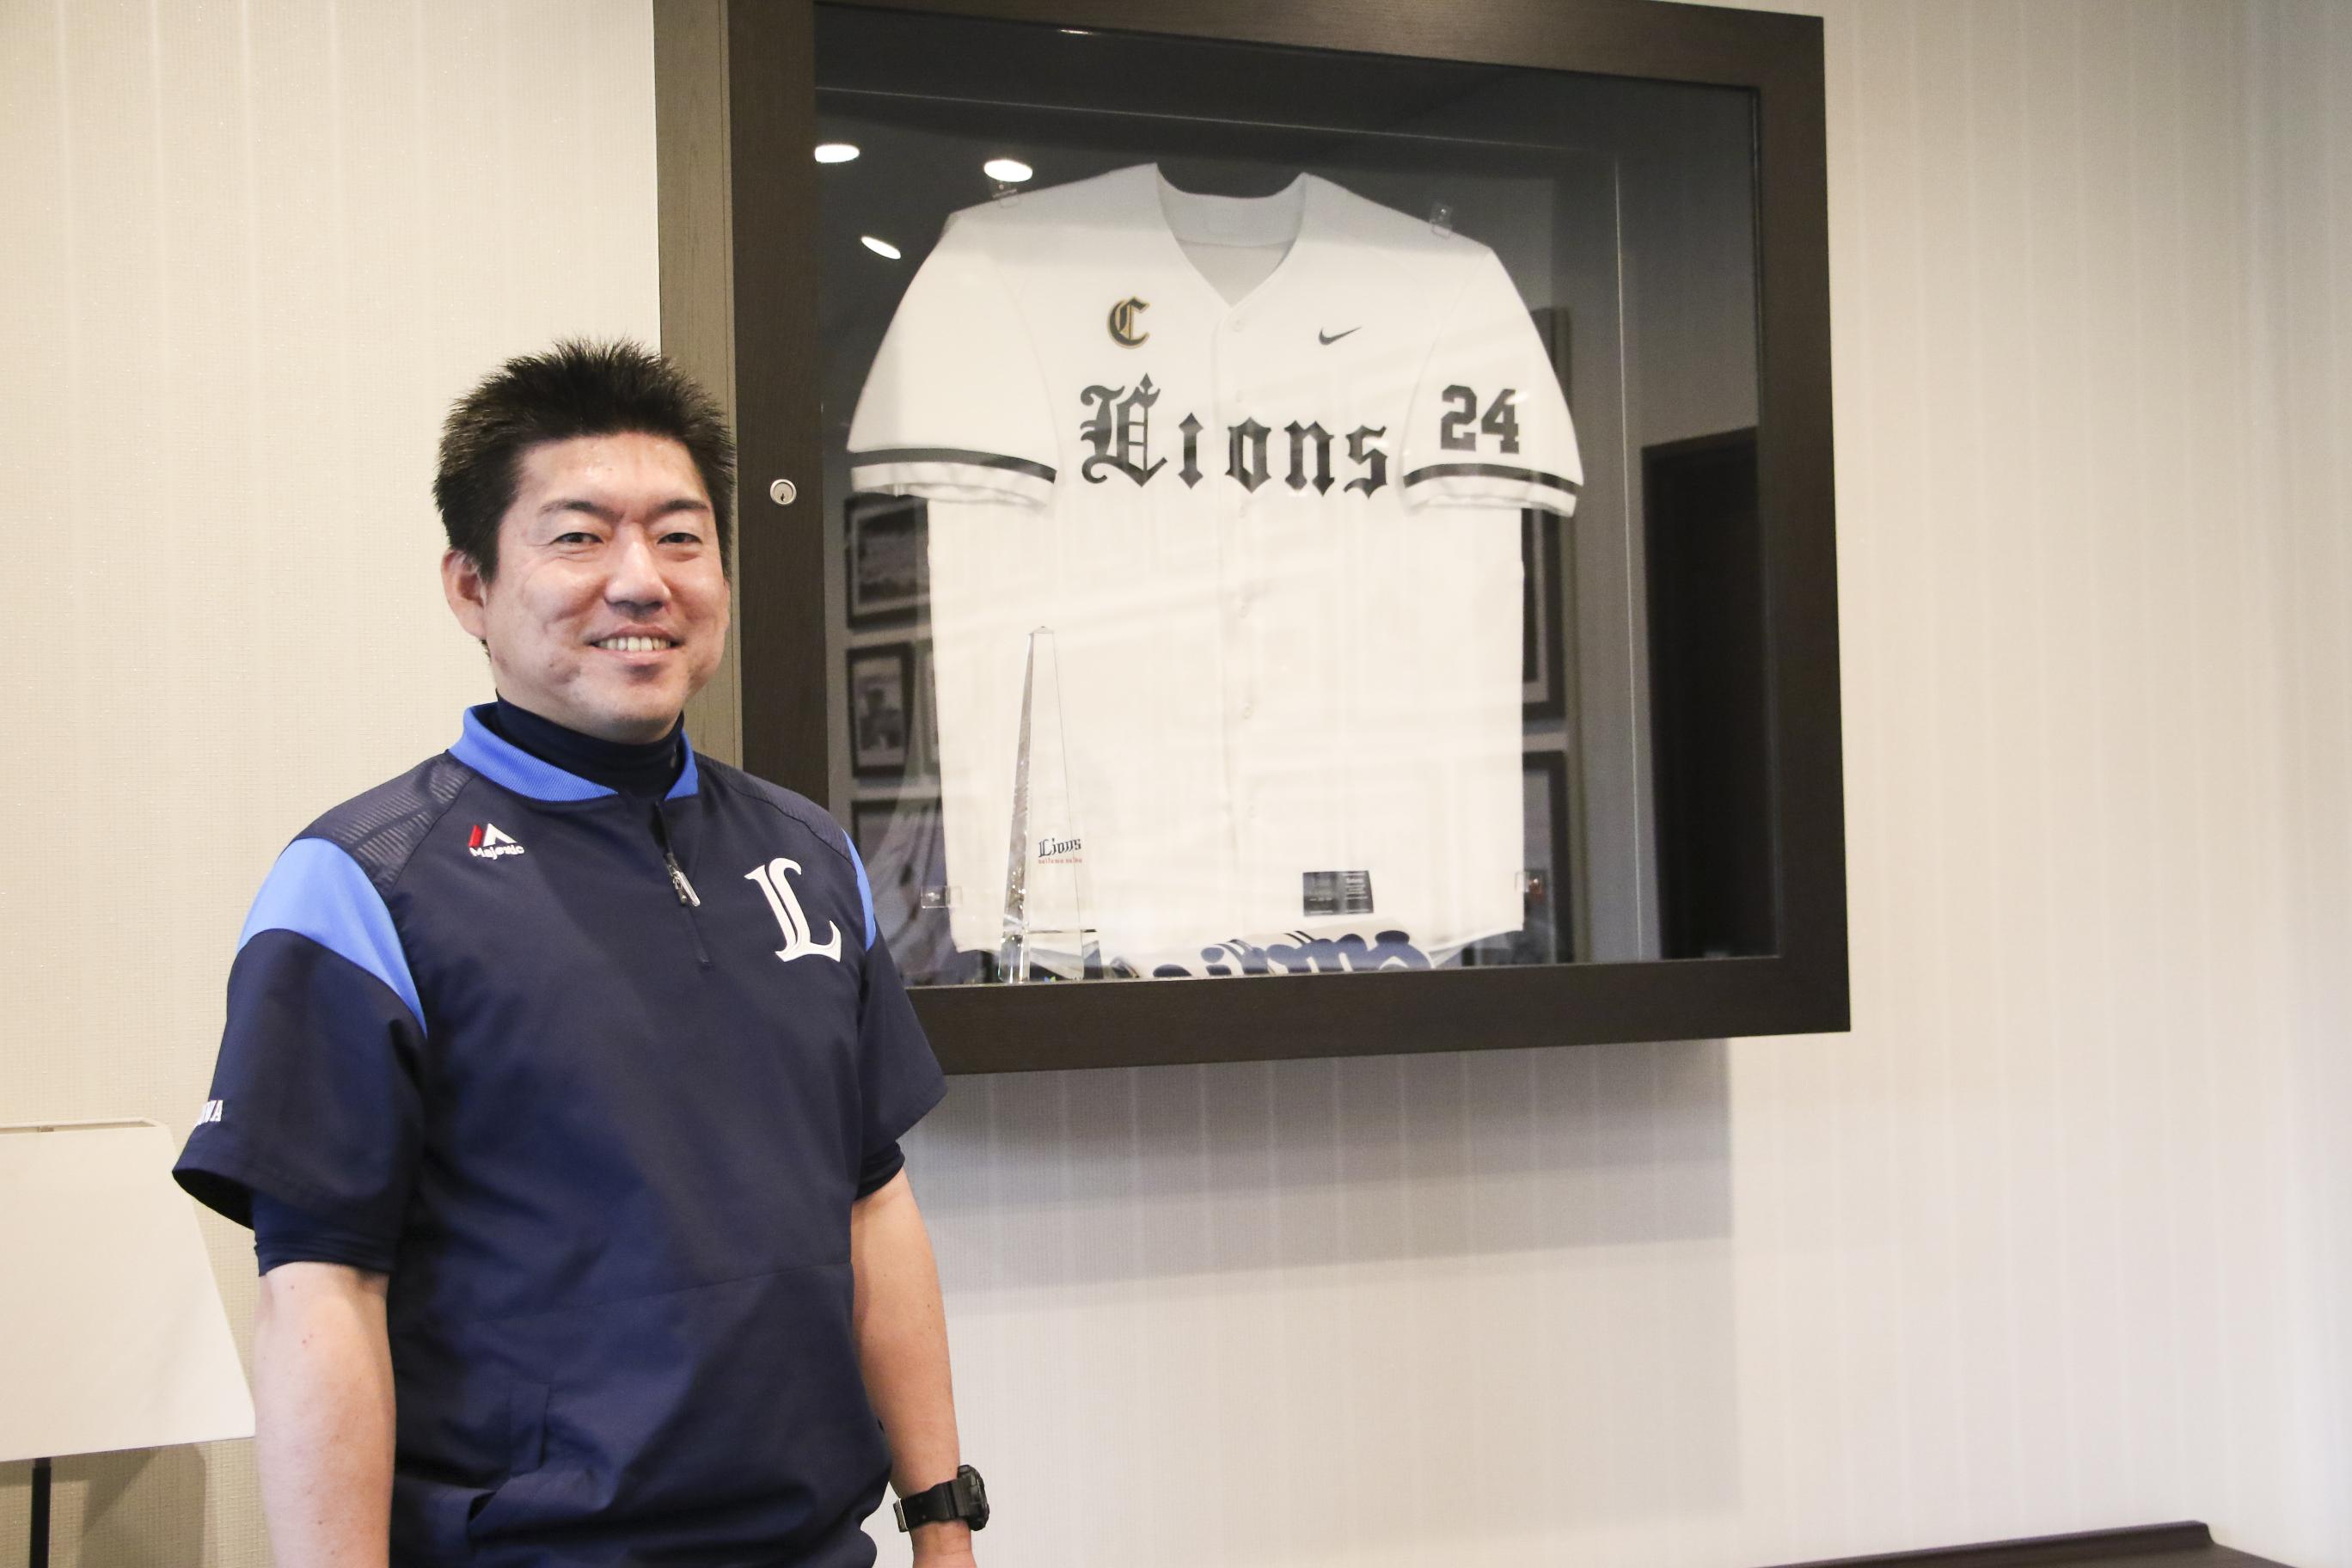 埼玉西武ライオンズのスコアラーとして活躍する若桑誠さんが笑顔で正面を向いているところ